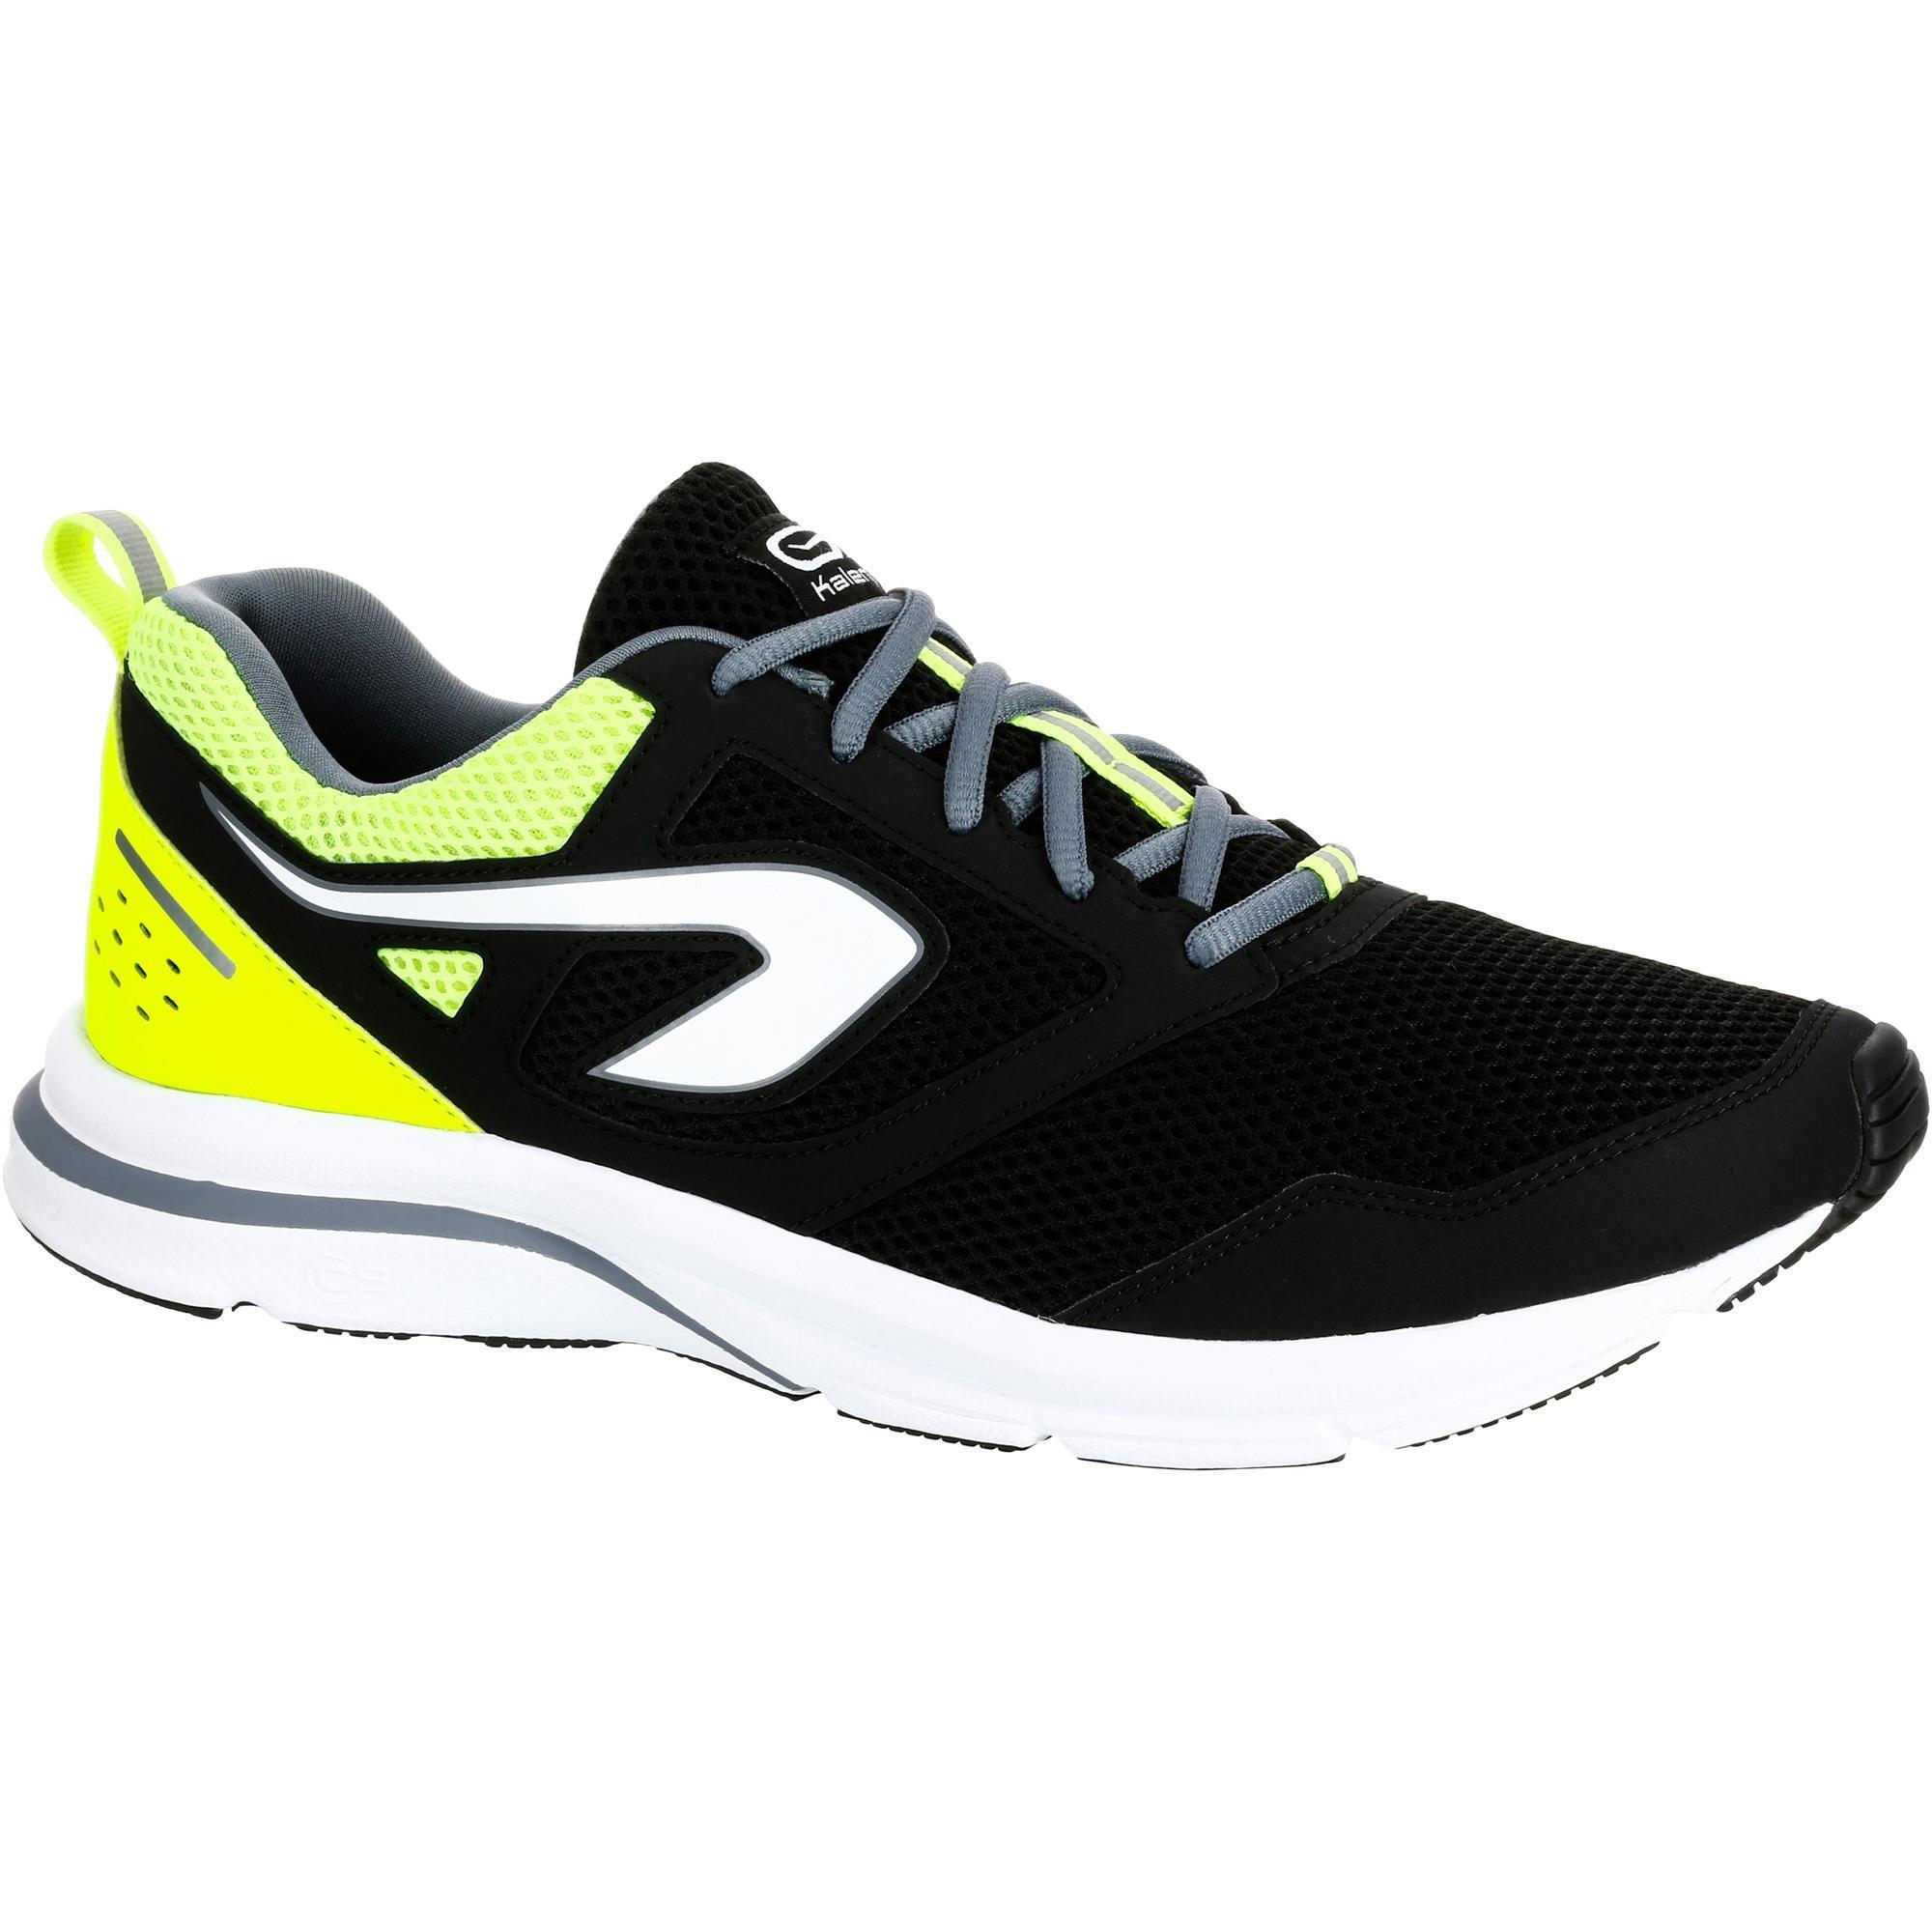 b2d6c41f Comprar Zapatillas de Running Online | Decathlon